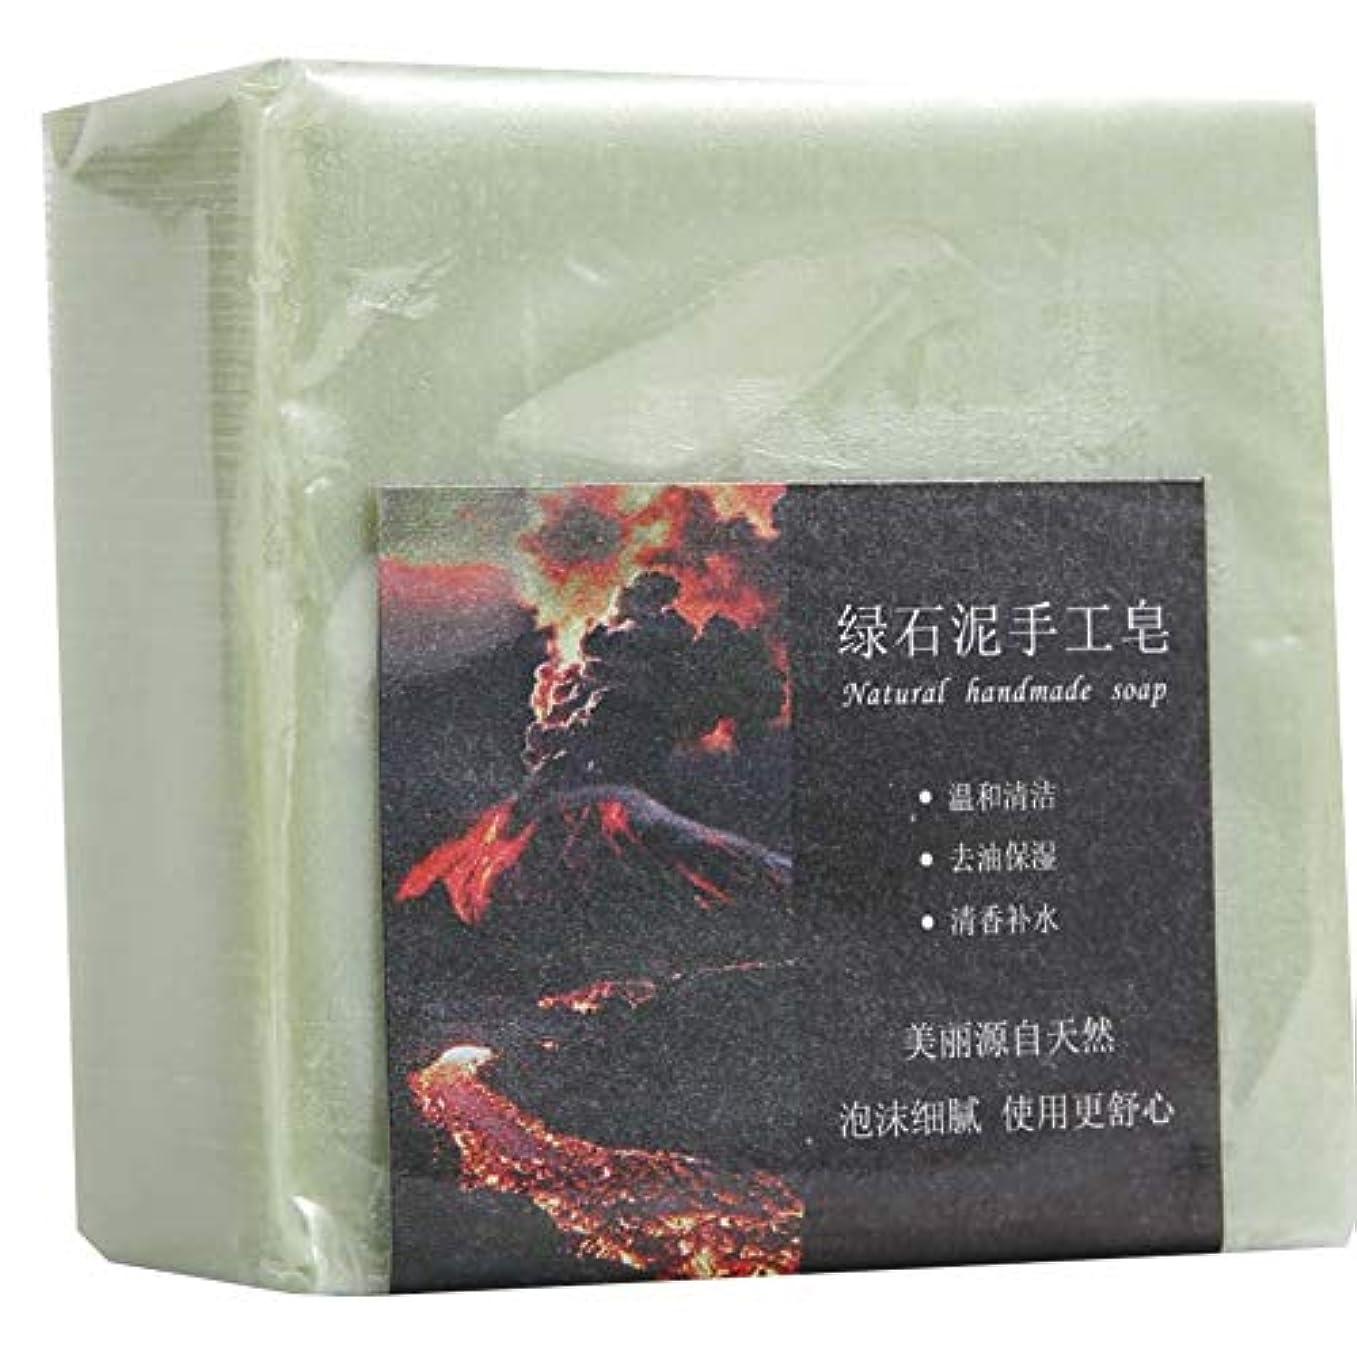 認証列挙する興奮ハンドメイドグリーンクレイソープ 優しい フェイシャルクリーニング 保湿フェイシャルケア バスエッセンシャルオイルソープ